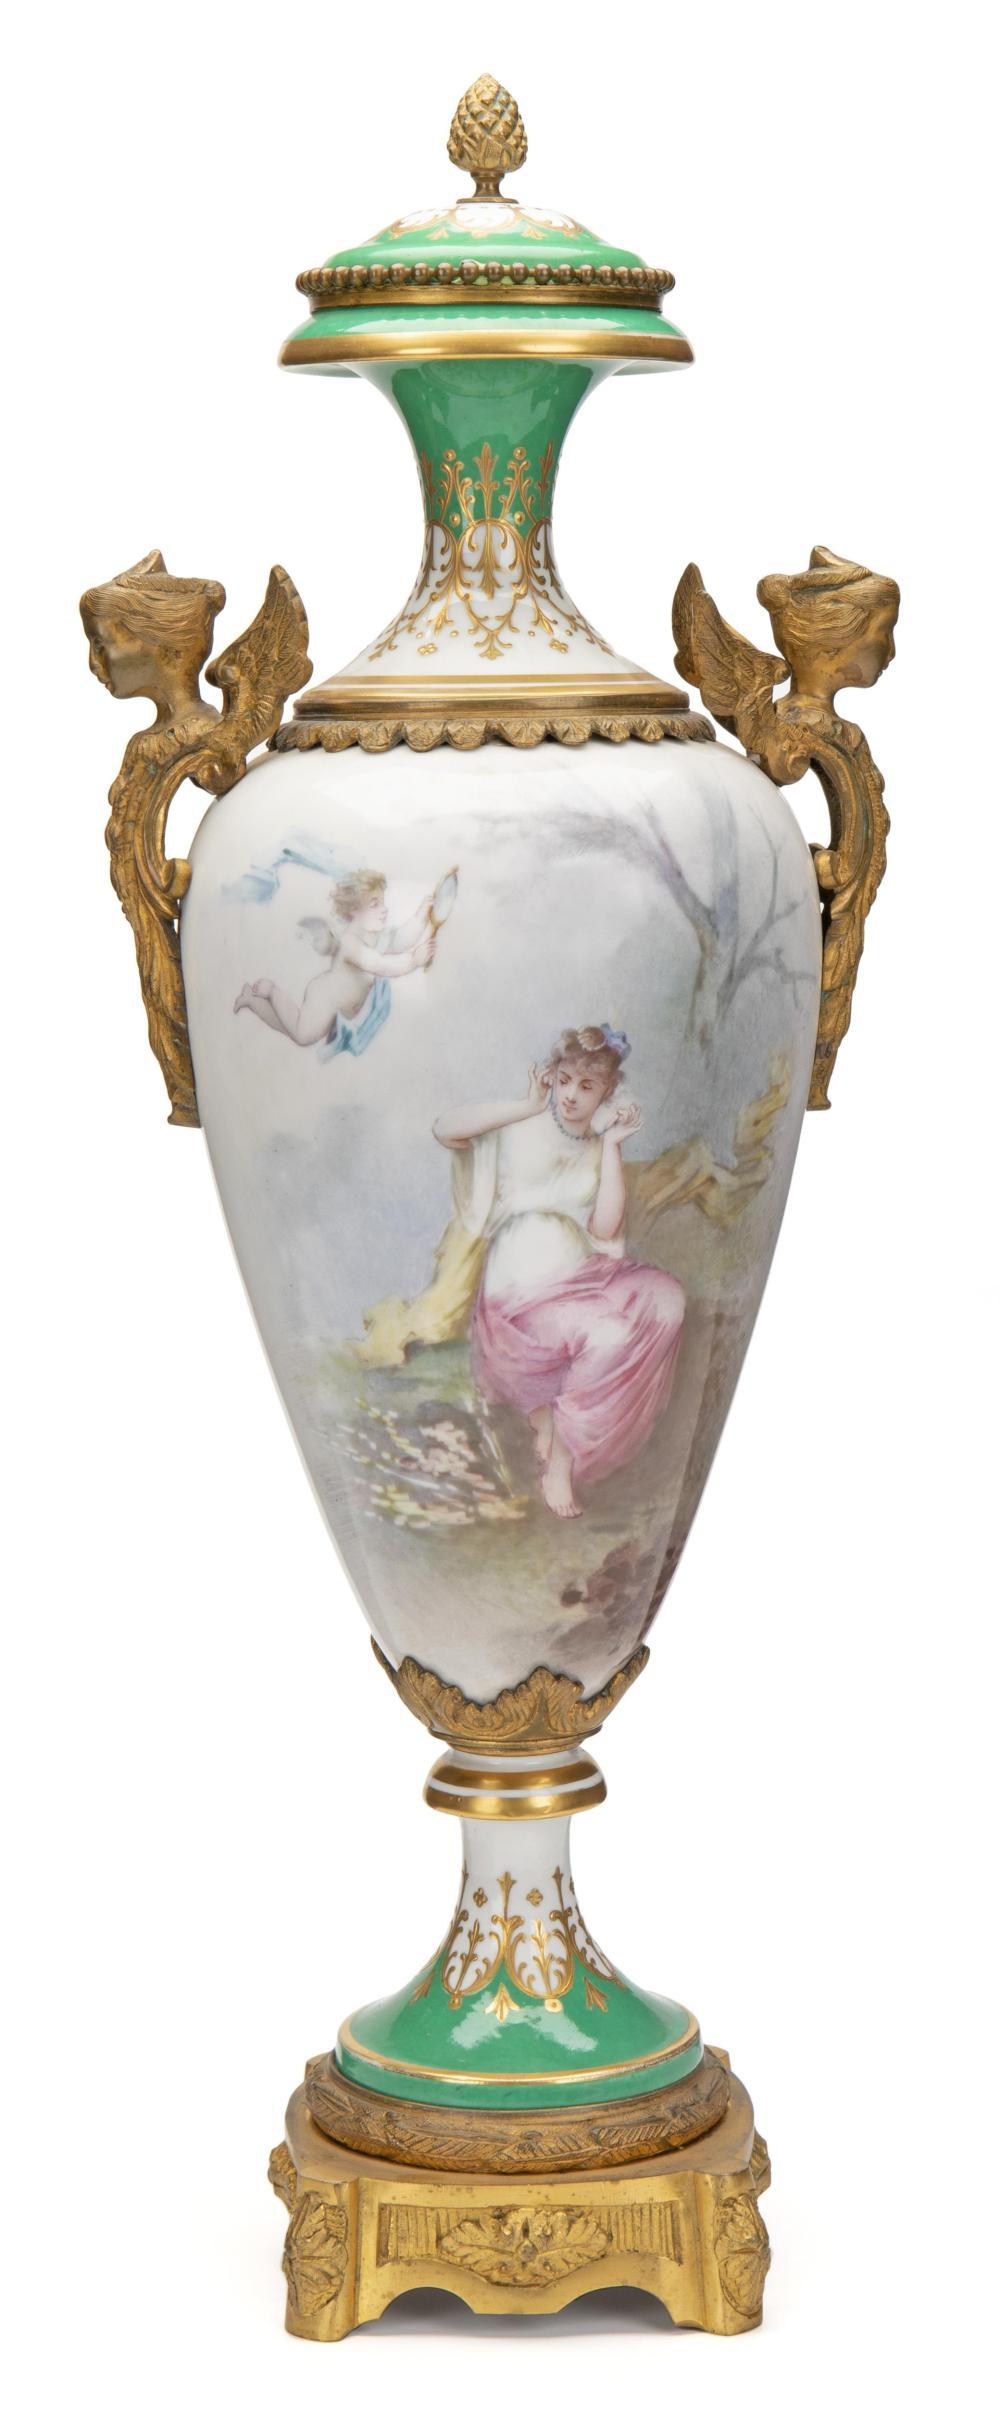 Image ref CC5E2300E3 - A Sèvres urn with portrait scene